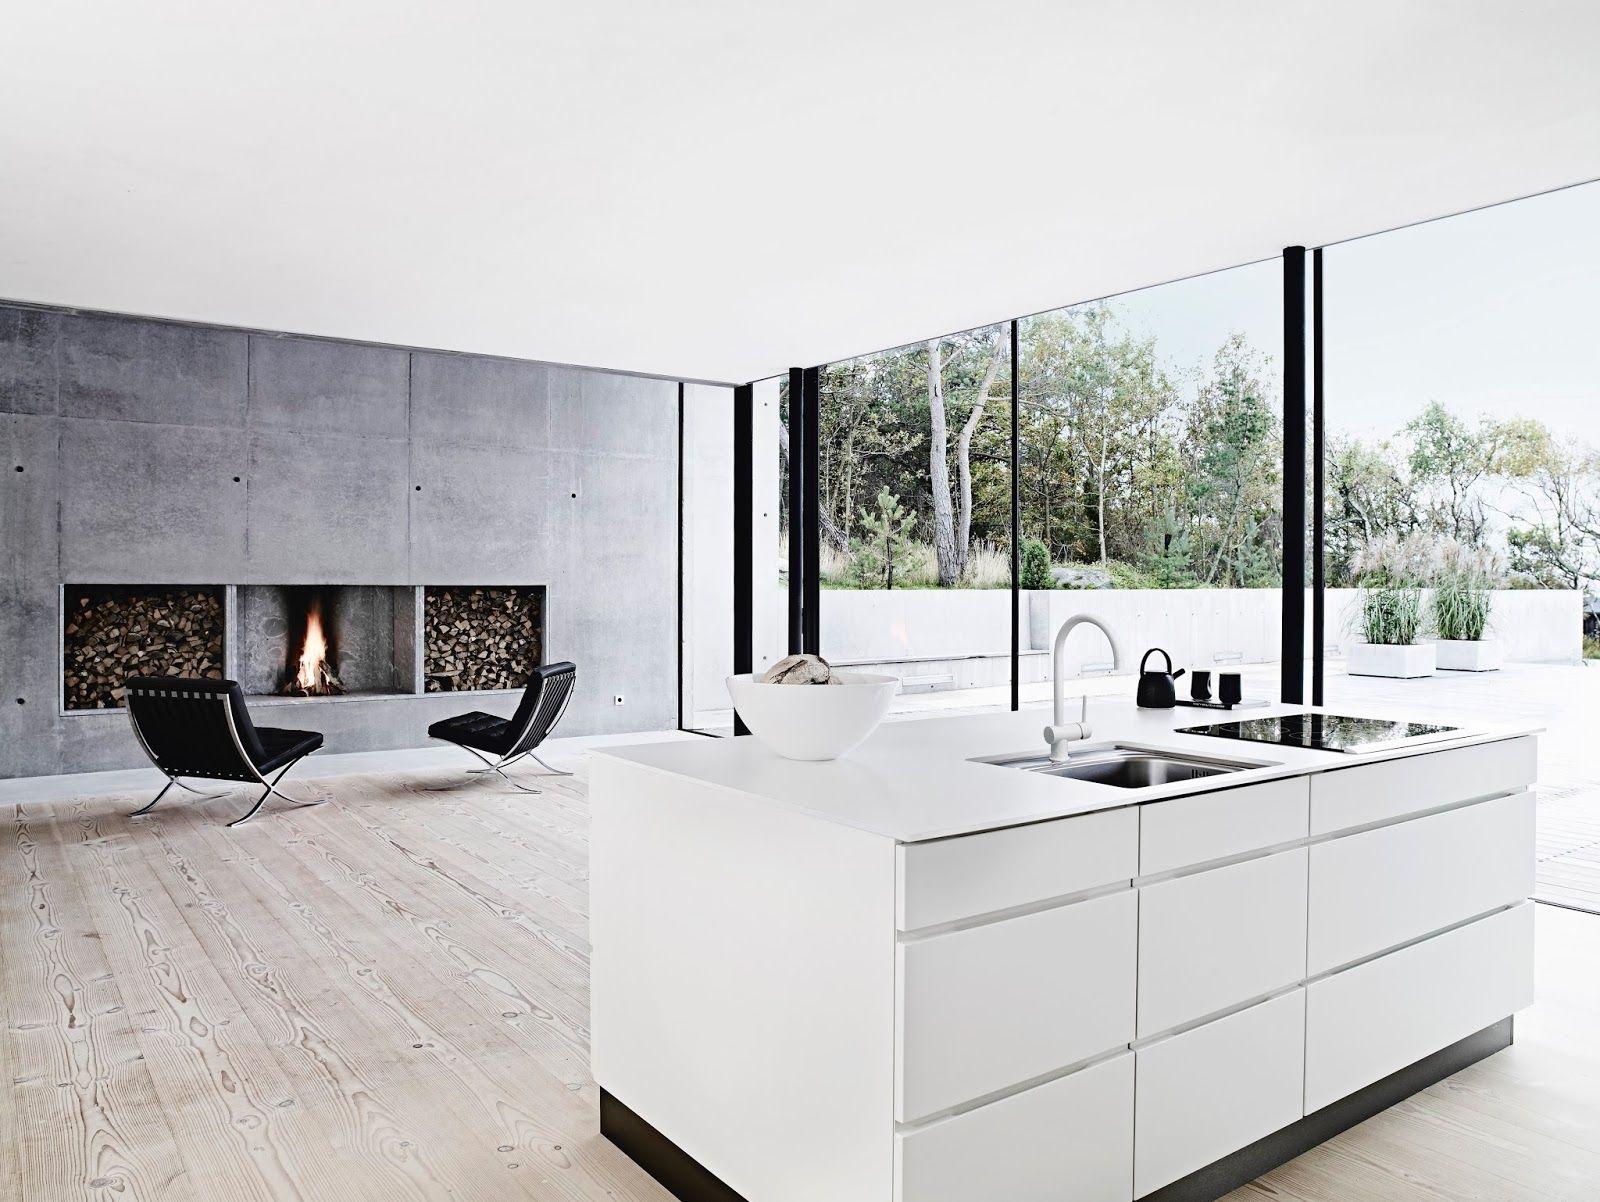 Kvik kitchen / Küche | Hausideen | Pinterest | Küche und Wohnen